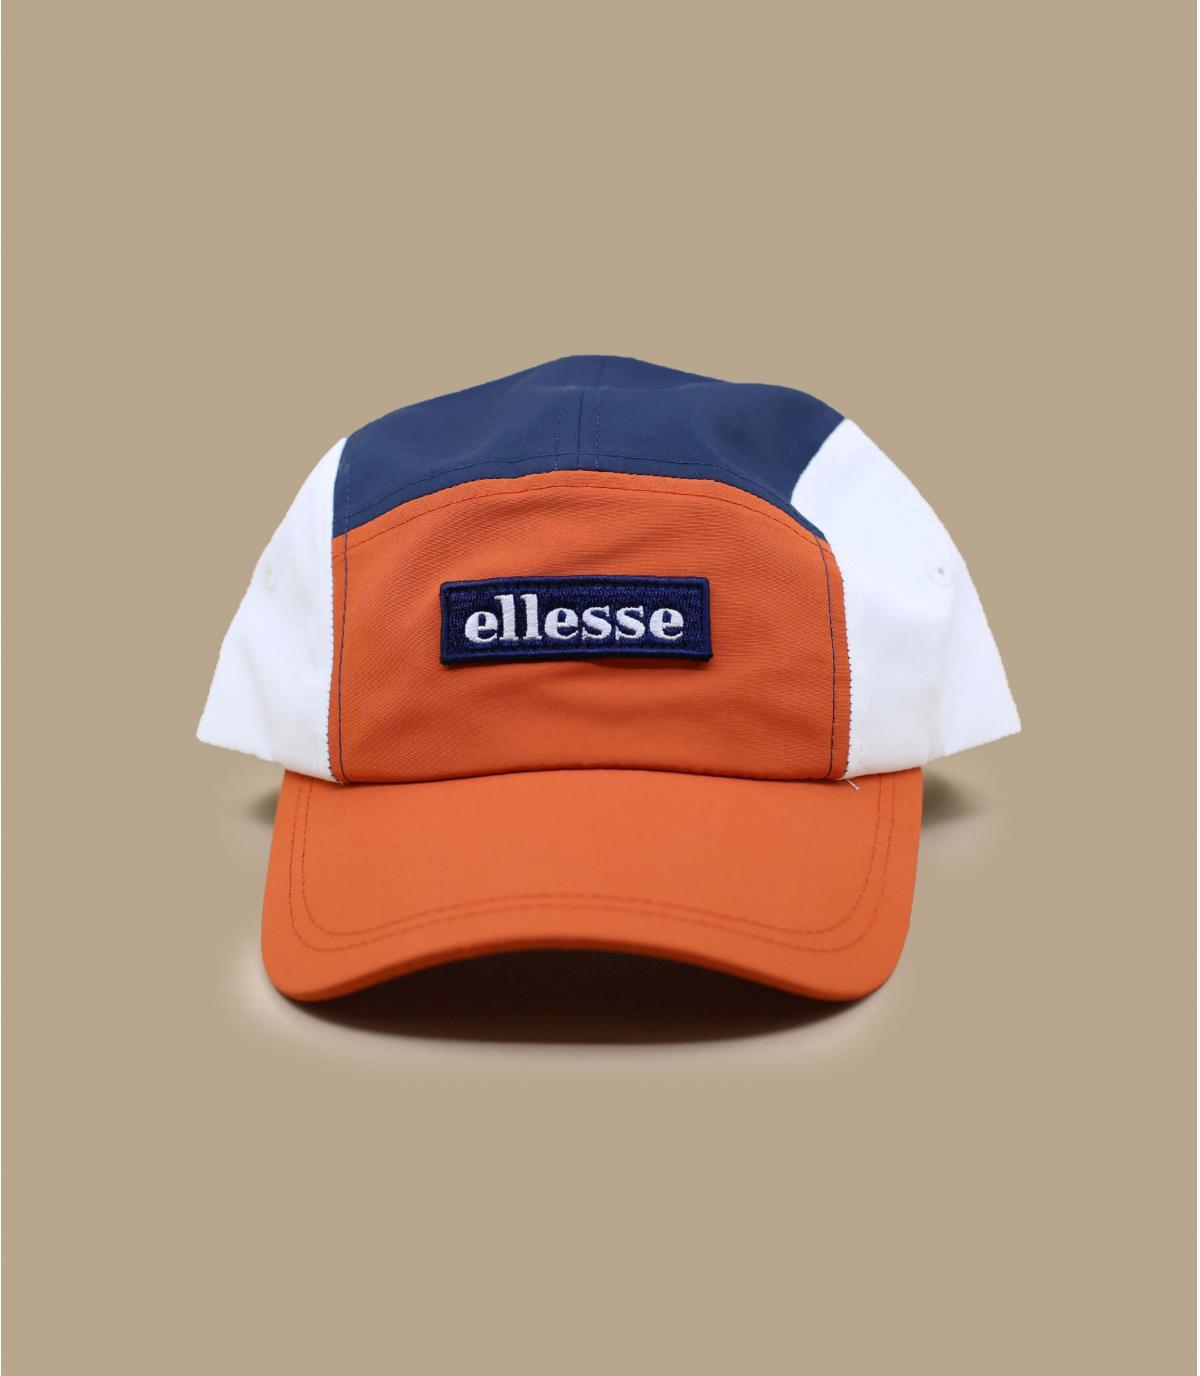 Multicoloured Ellesse cap